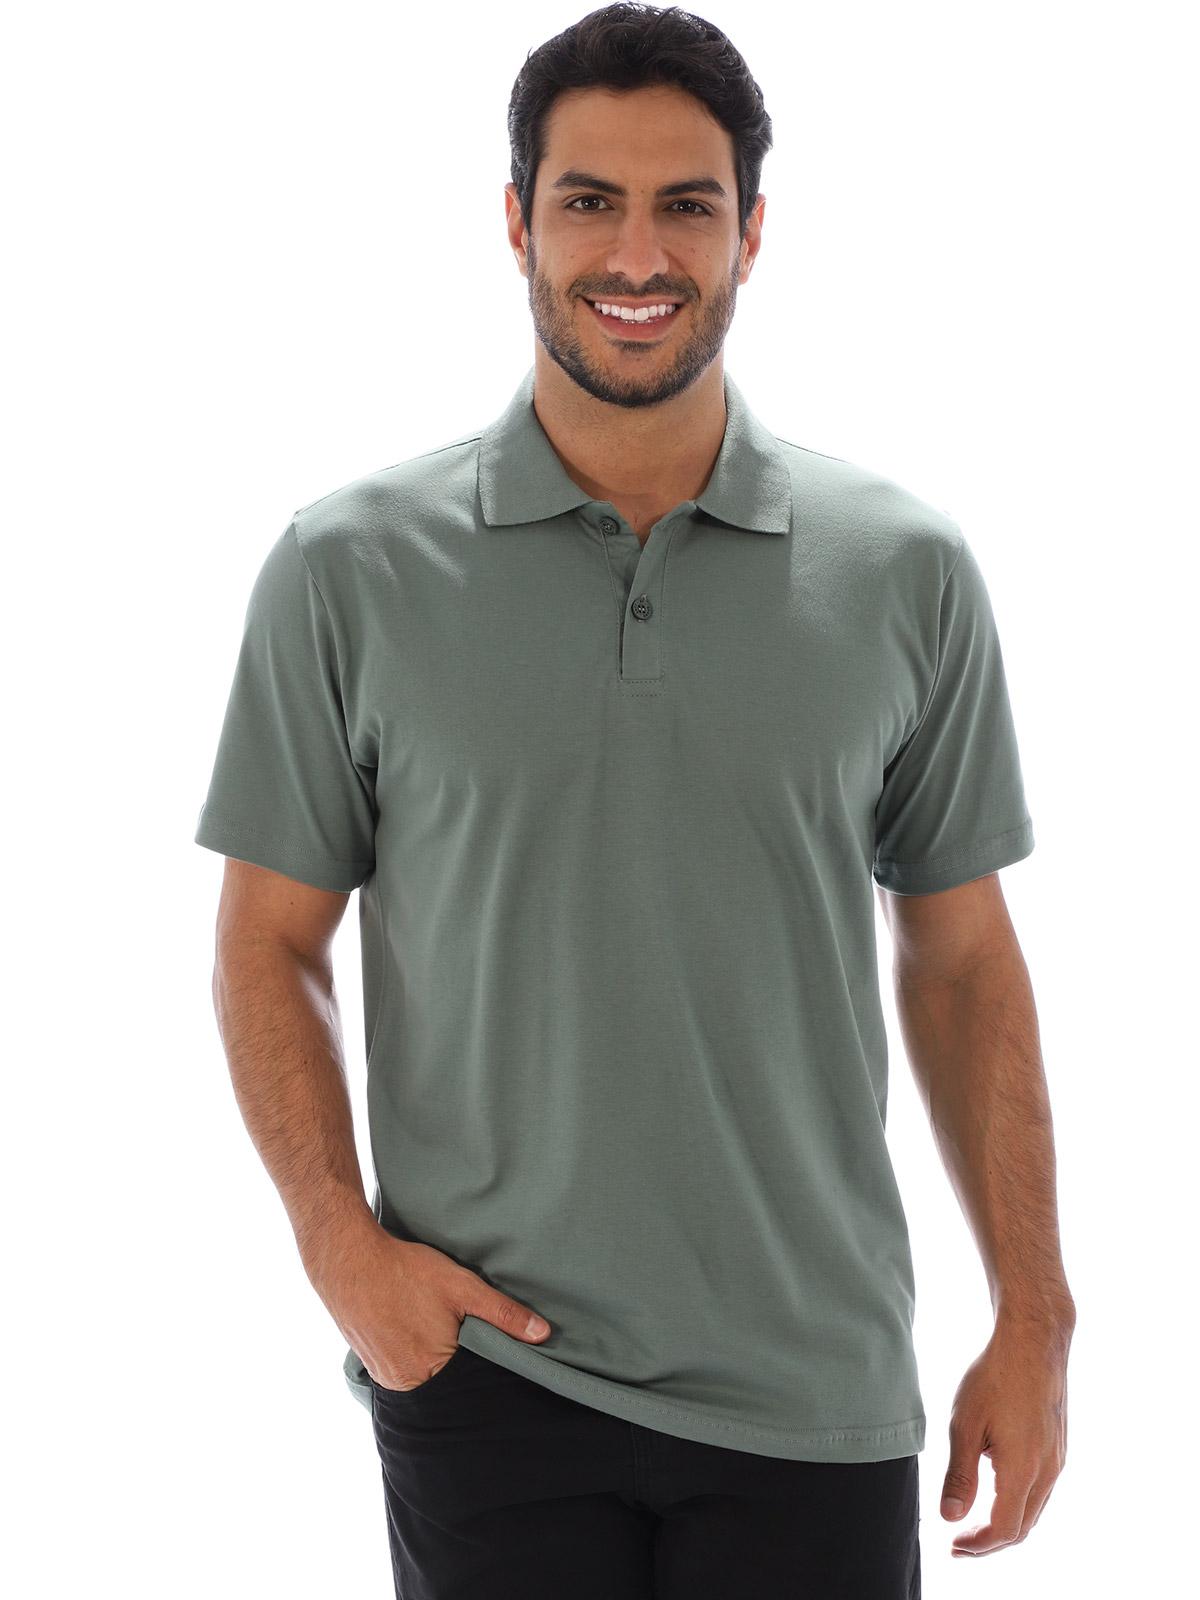 Camisa Polo Masculina Básica Algodão Lisa Conforto Concreto